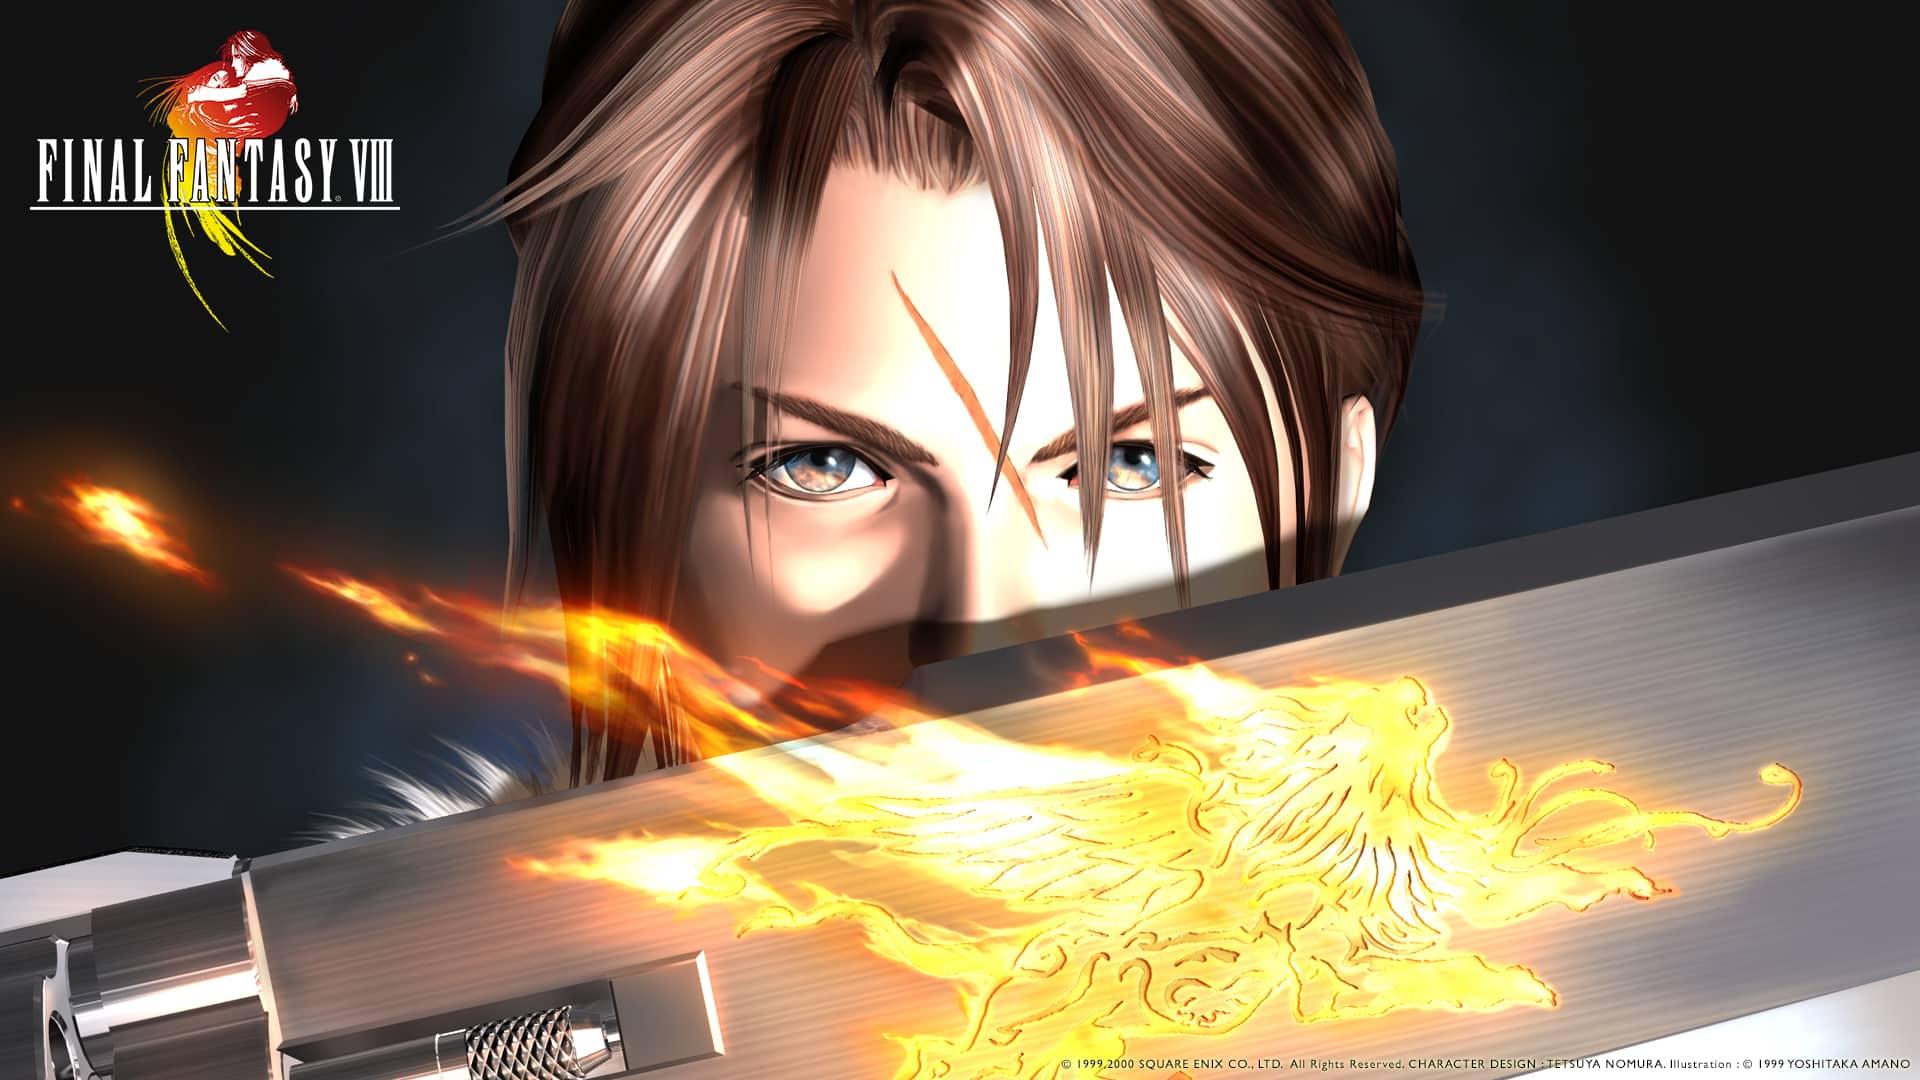 Final Fantasy VIII telecharger gratuit de PC et Torrent